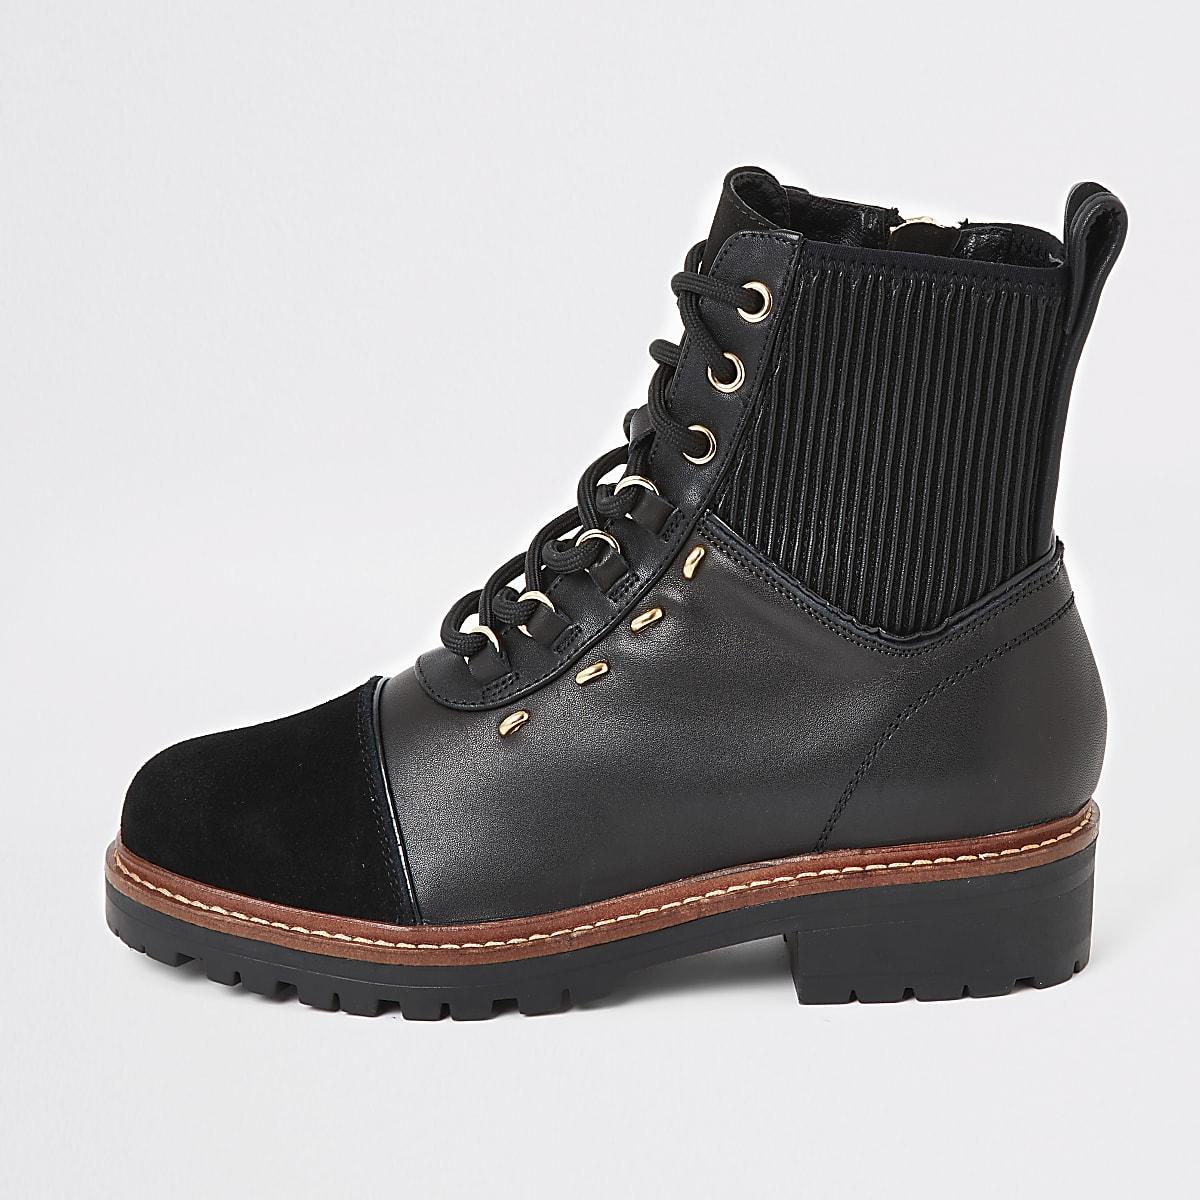 Chaussures de randonnée en cuir noir à lacets